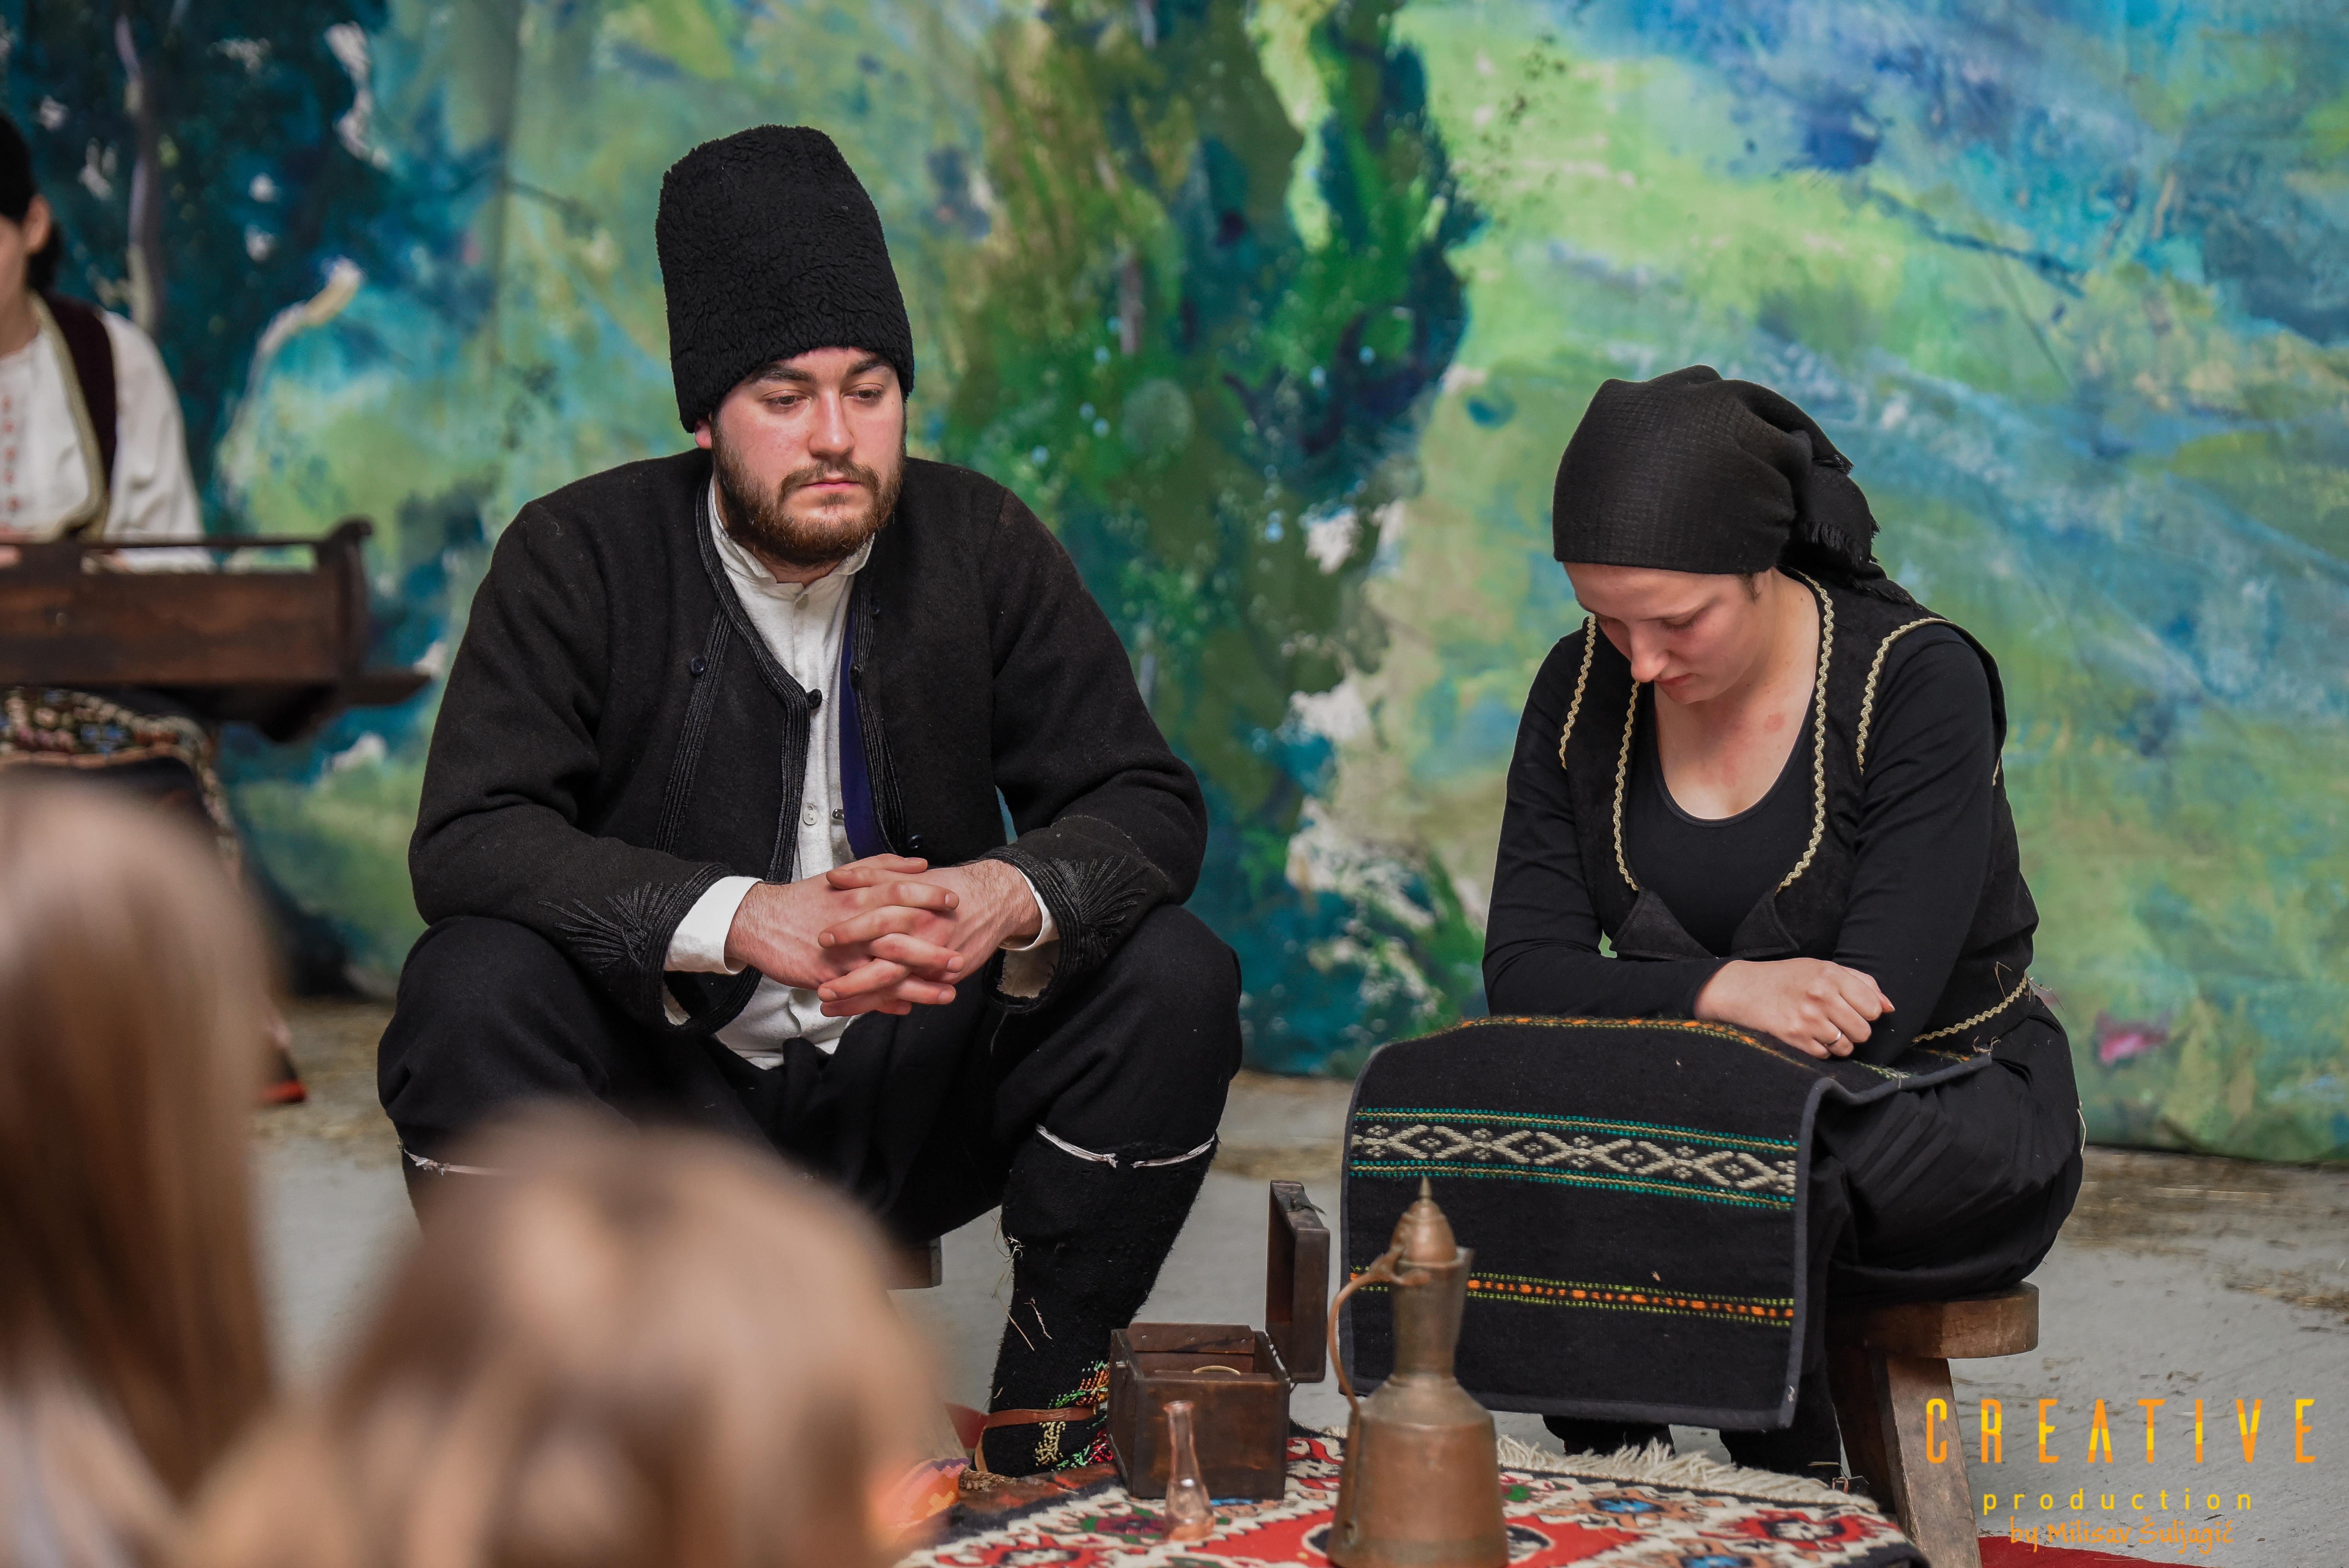 Studenti Učiteljskog fakulteta shvatili su važnost poznavanja tradicije Foto--Milisav Šuljagić- Creative production